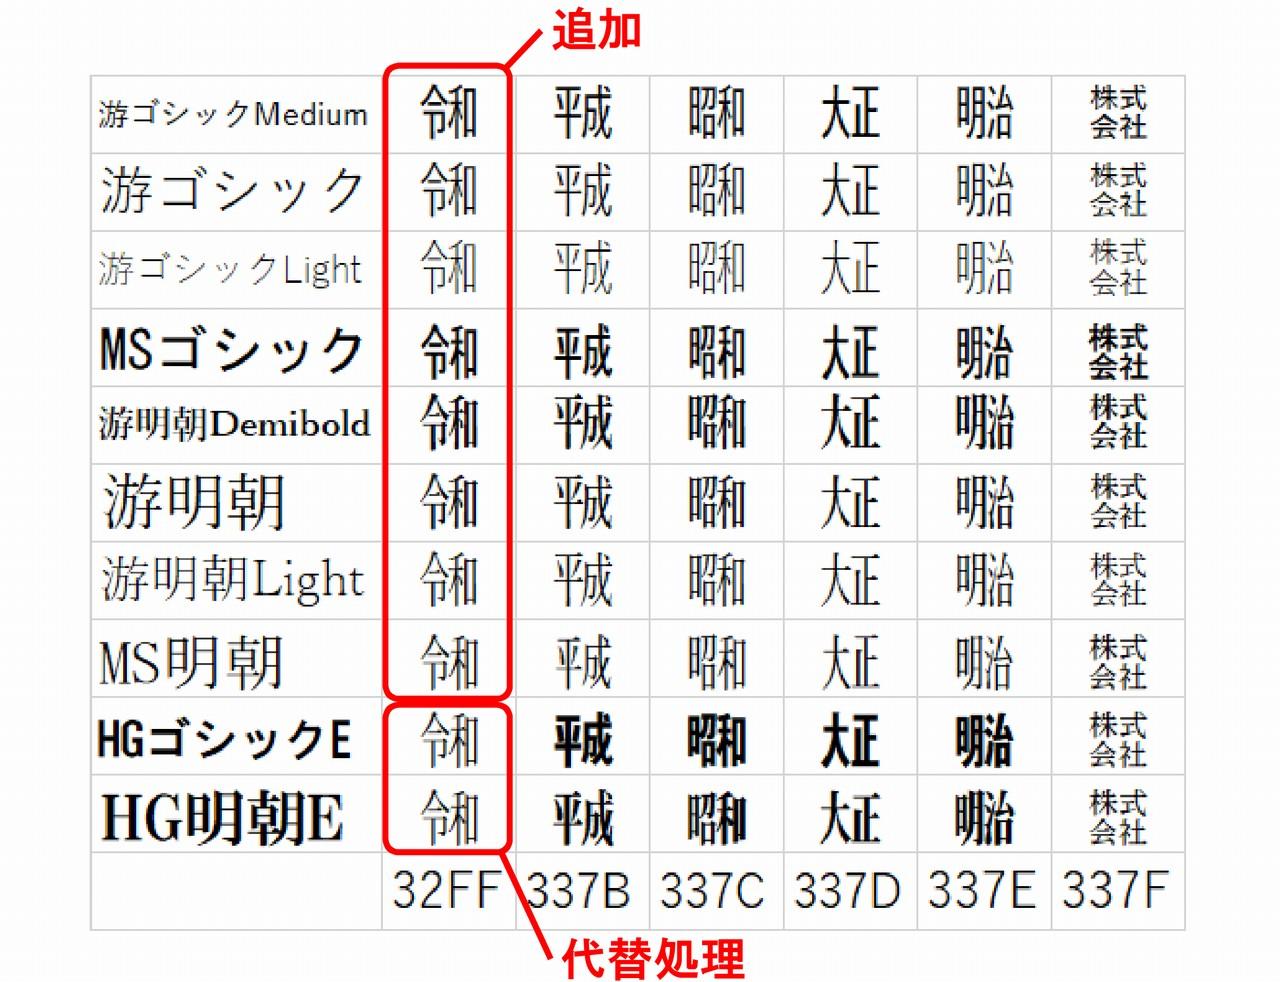 ファイル 33-6.jpg